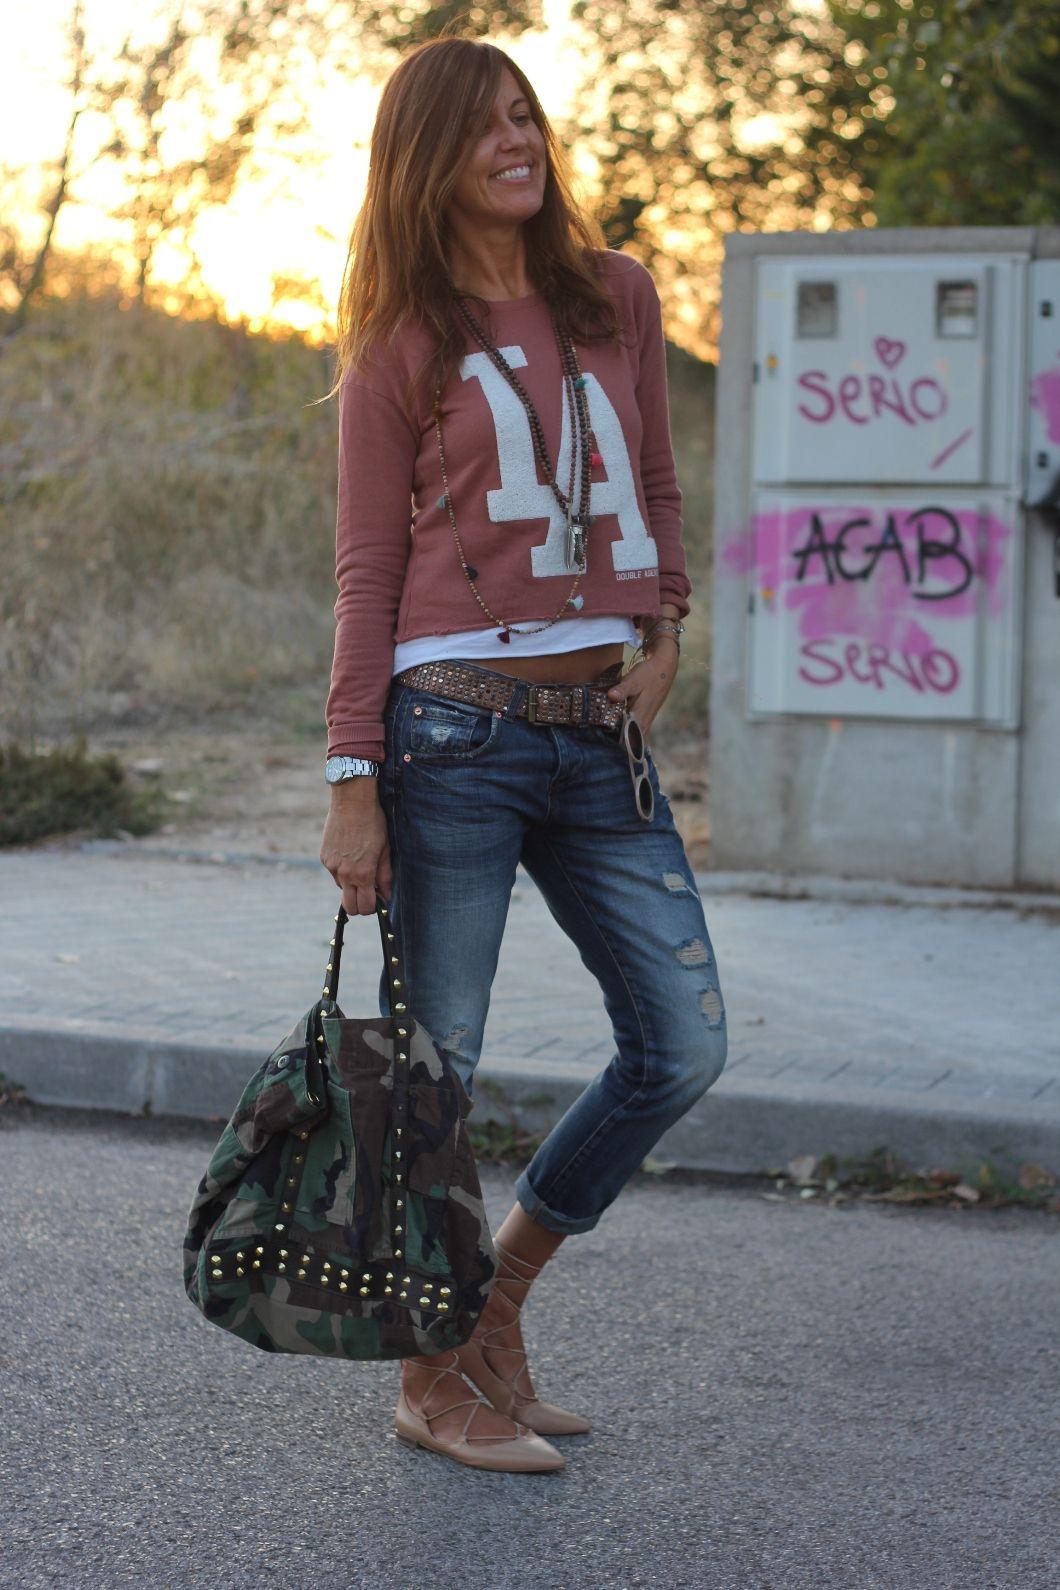 Stylelovely Streetstyle Looks Looks Mytenida Stylelovely Streetstyle Chic Mytenida pIFCpq